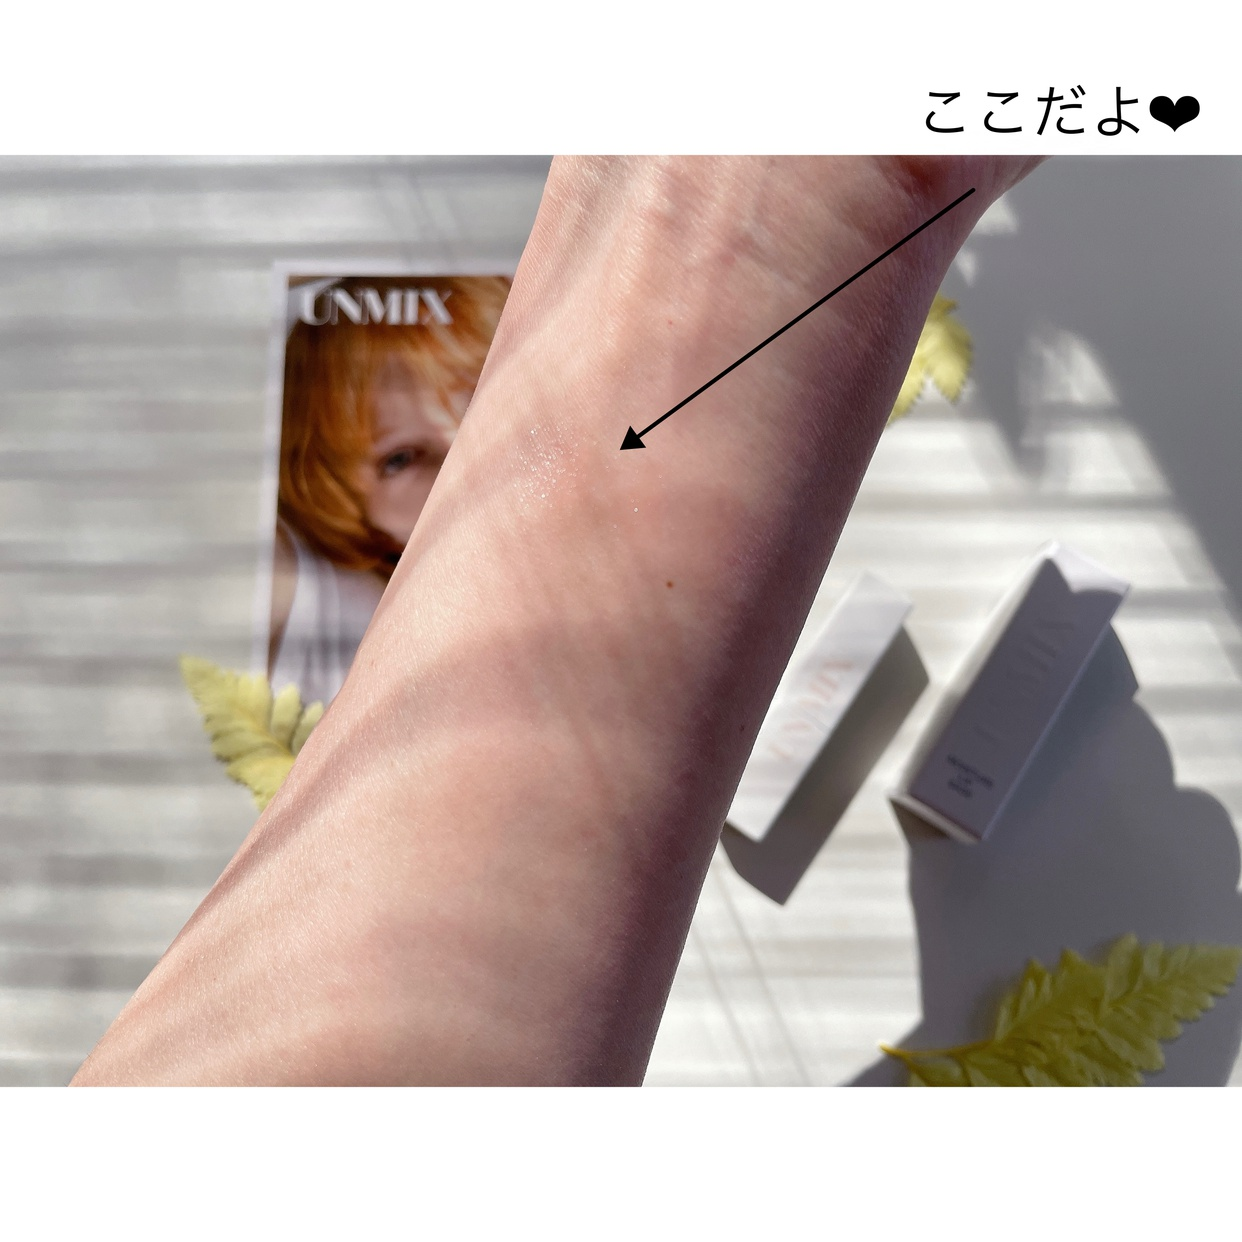 UNMIX(アンミックス) モイスチャー リップ ベースを使ったmaa_kさんのクチコミ画像2